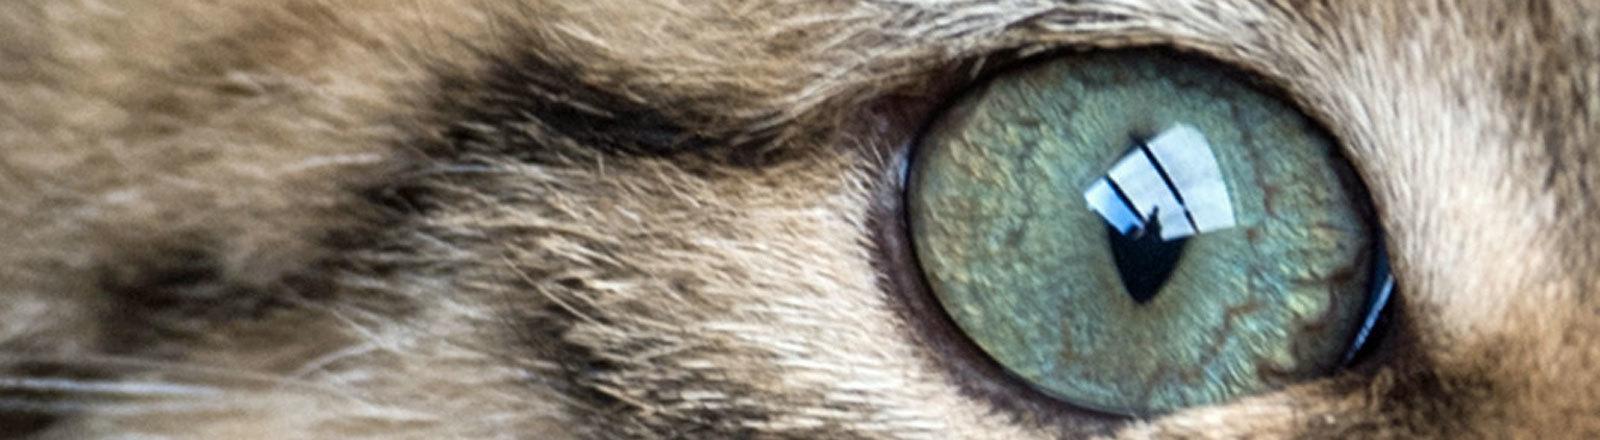 Auge einer Wildkatze